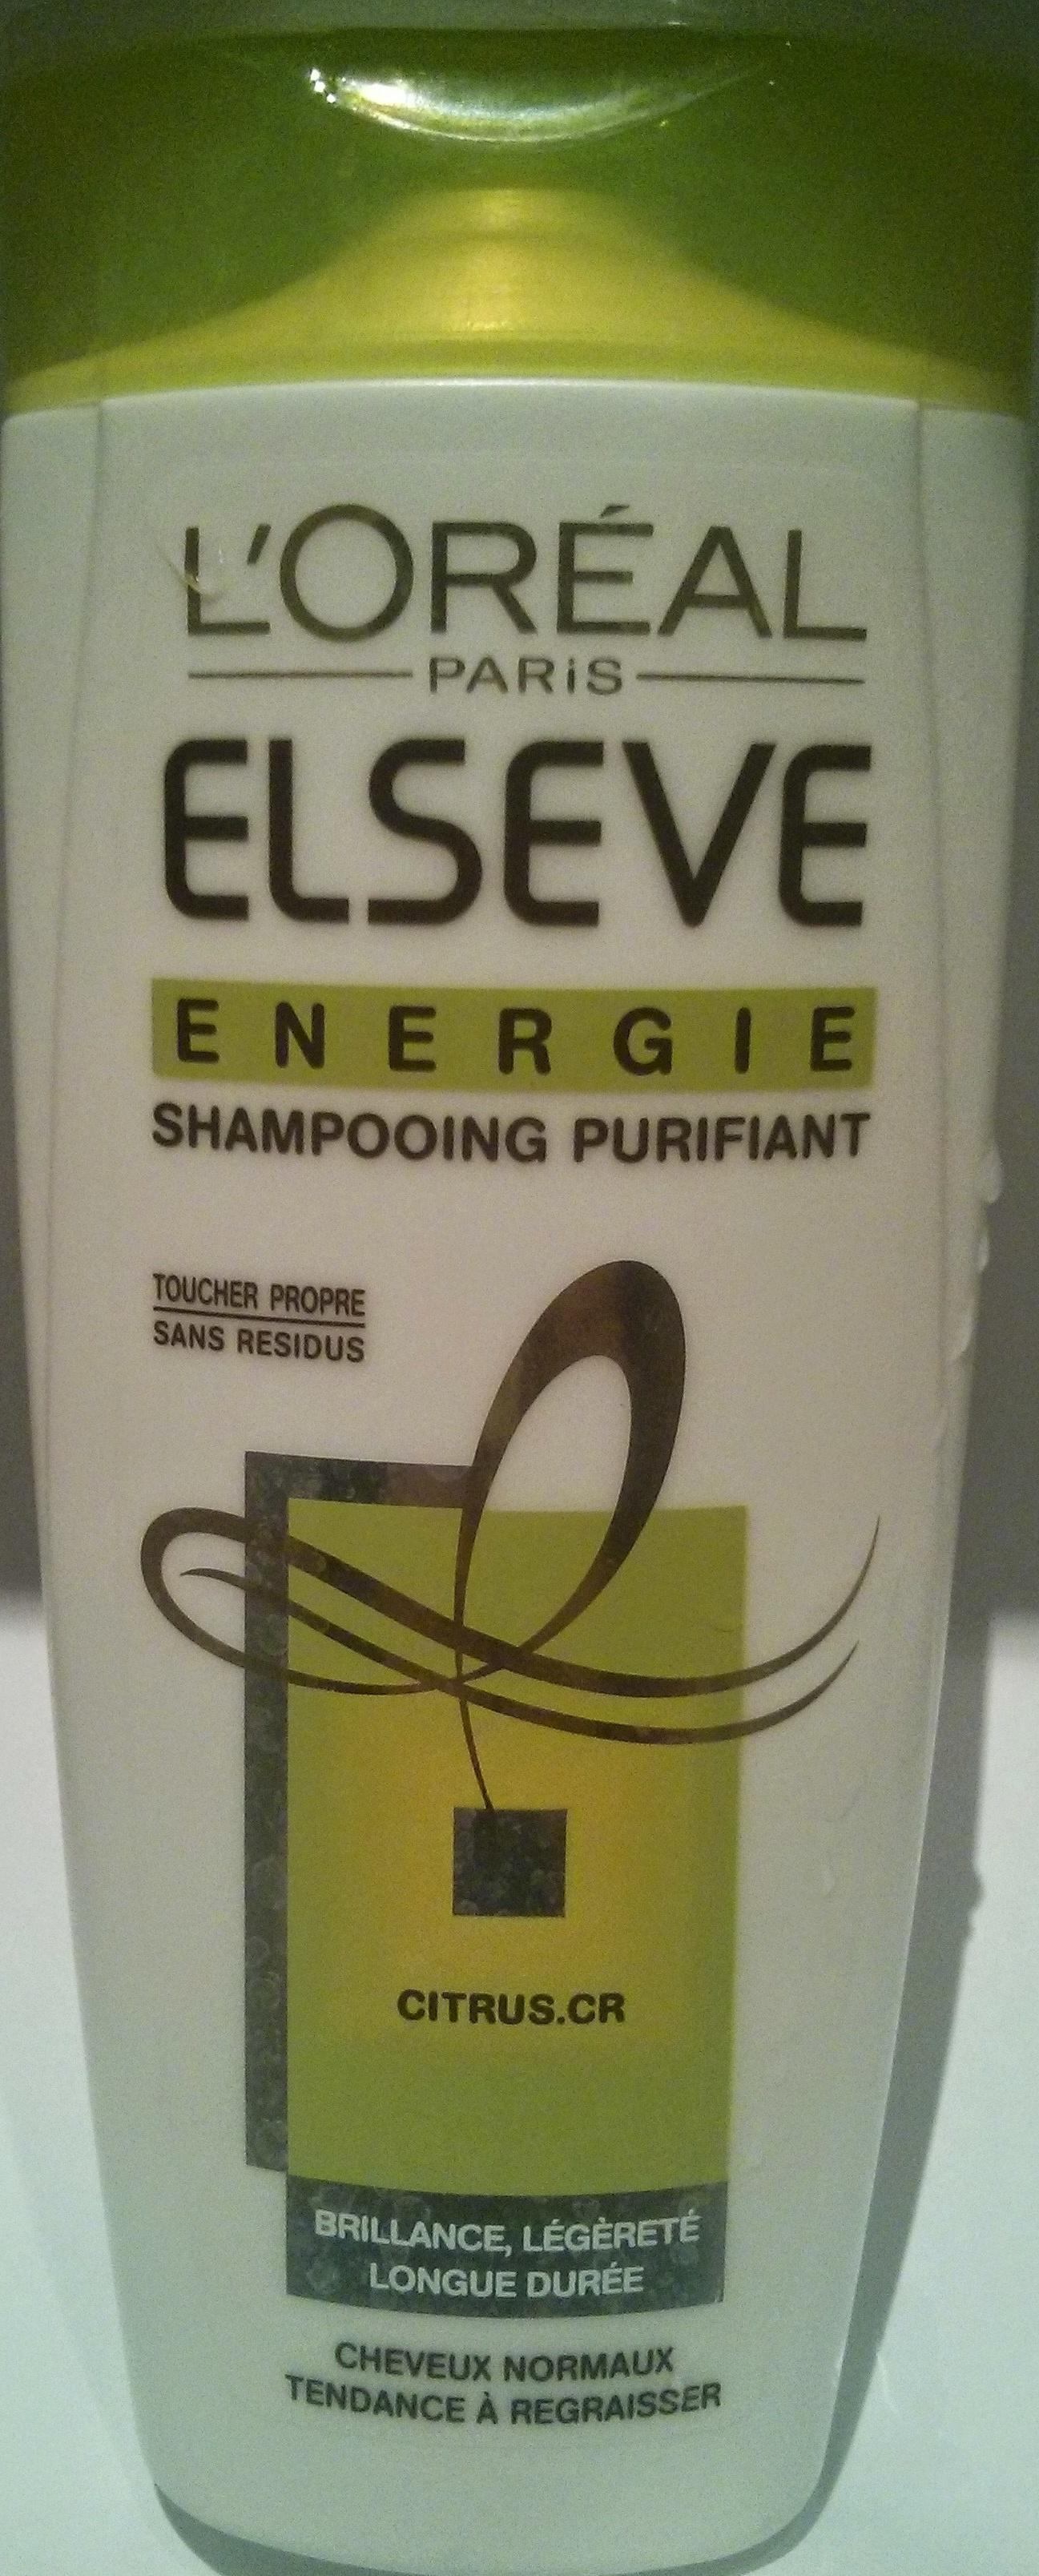 Elseve energie shampooing purifiant - Produit - fr